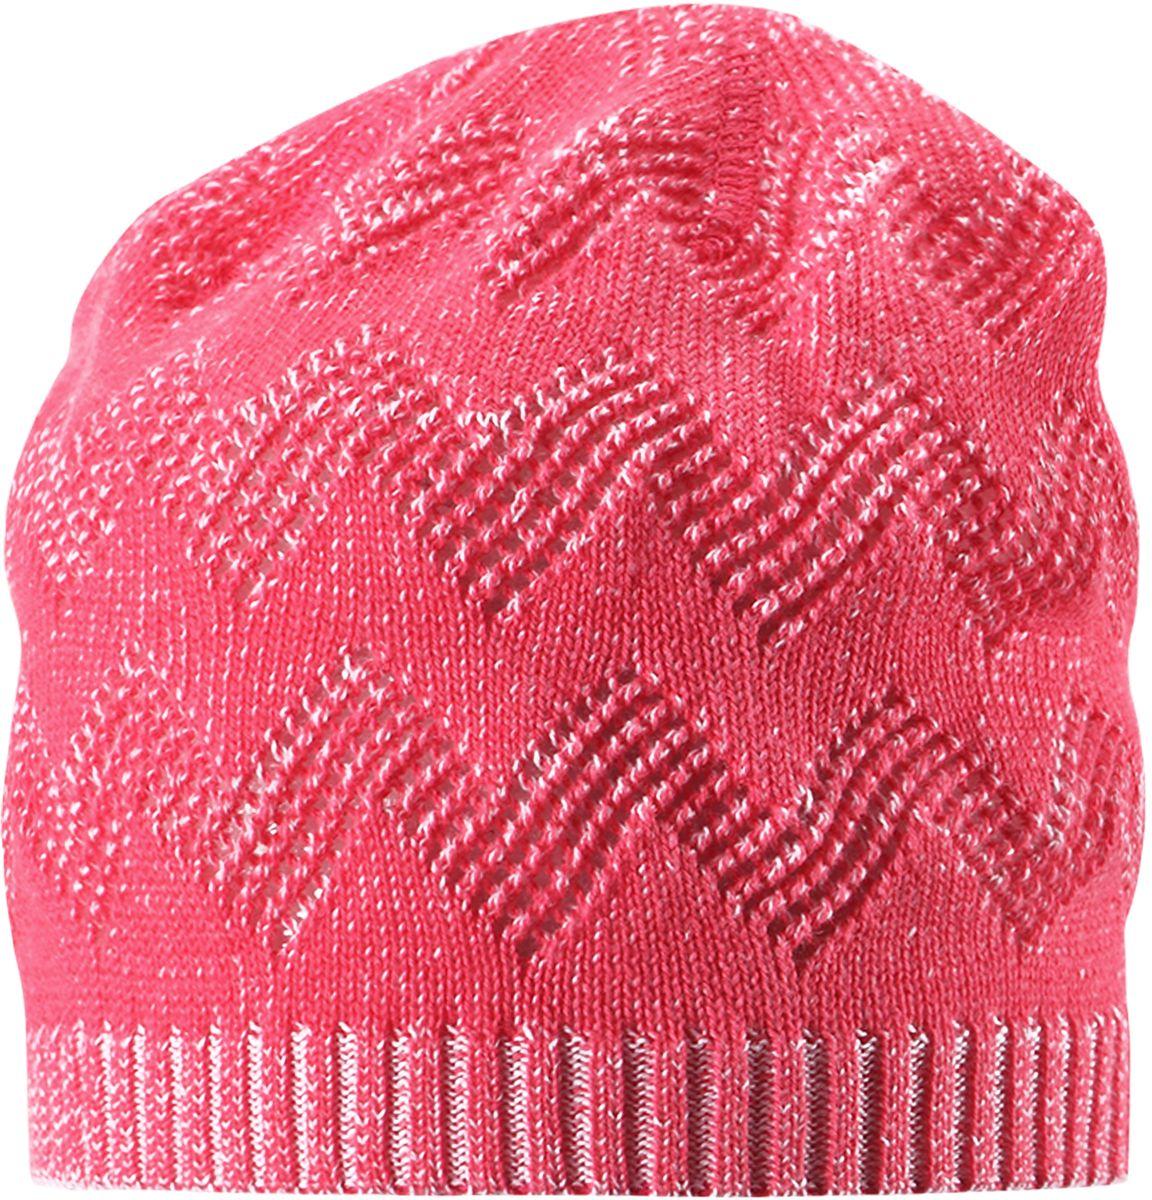 Шапка для девочки Reima Piranja, цвет: розовый. 5285283360. Размер 505285283360Детская шапка станет превосходным выбором в межсезонье, в ней можно и поиграть во дворе, и прогуляться по городу. Изготовлена из мягкого и комфортного вязаного хлопка. Эта симпатичная облегченная модель без подкладки идеально подходит для солнечной погоды.